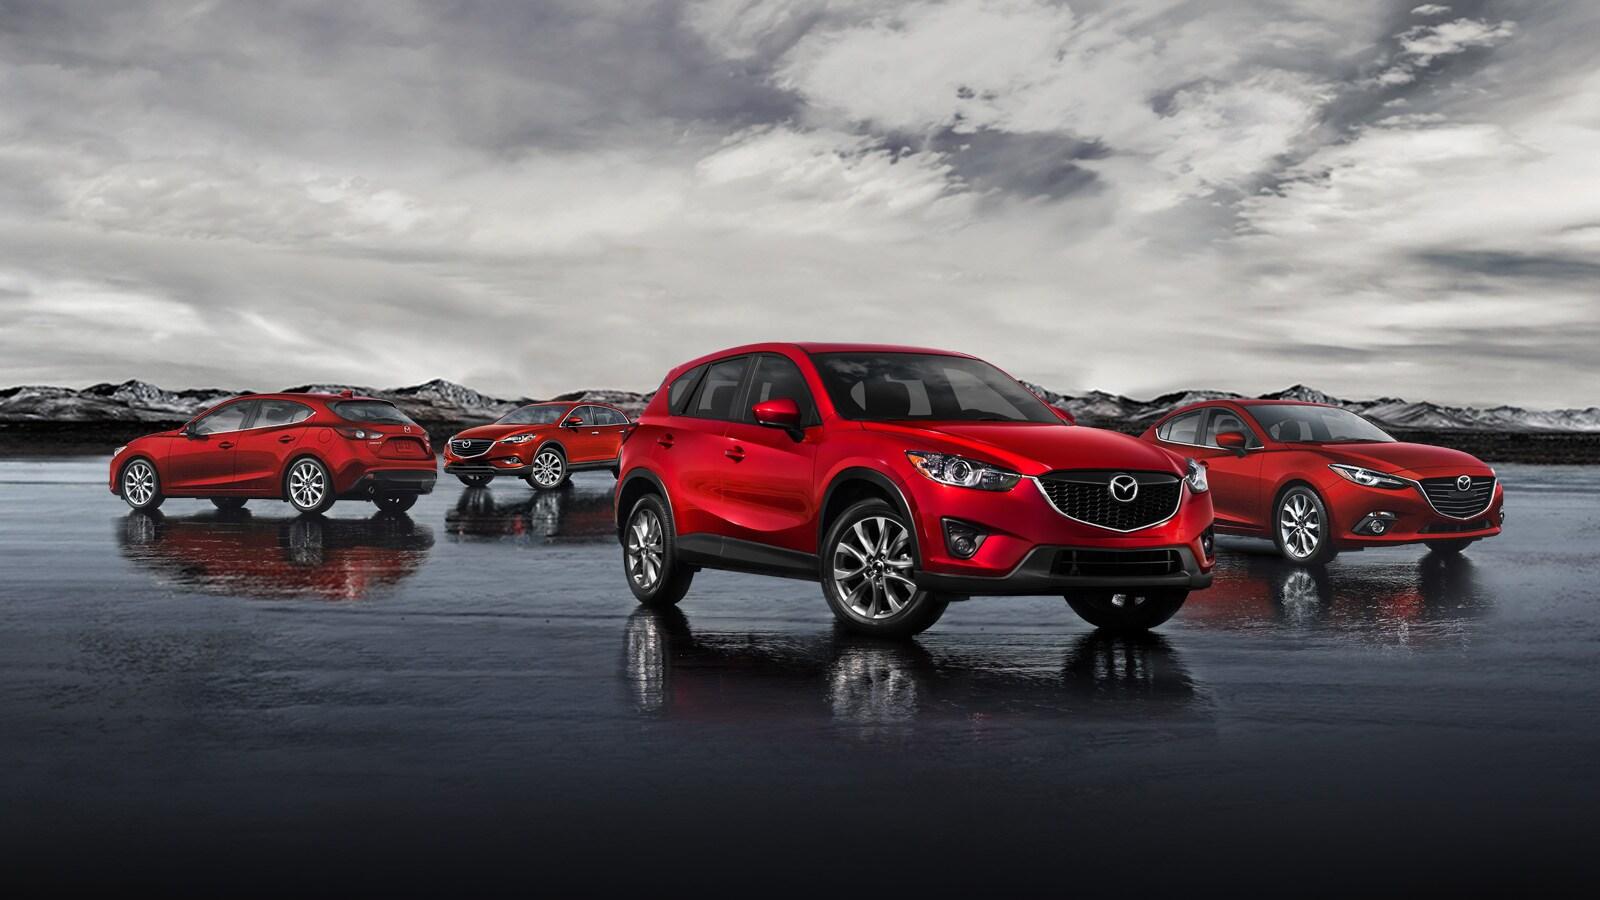 New Used Mazda Dealer Near Warwick NY Lease A New Mazda SUV - Mazda dealership ny